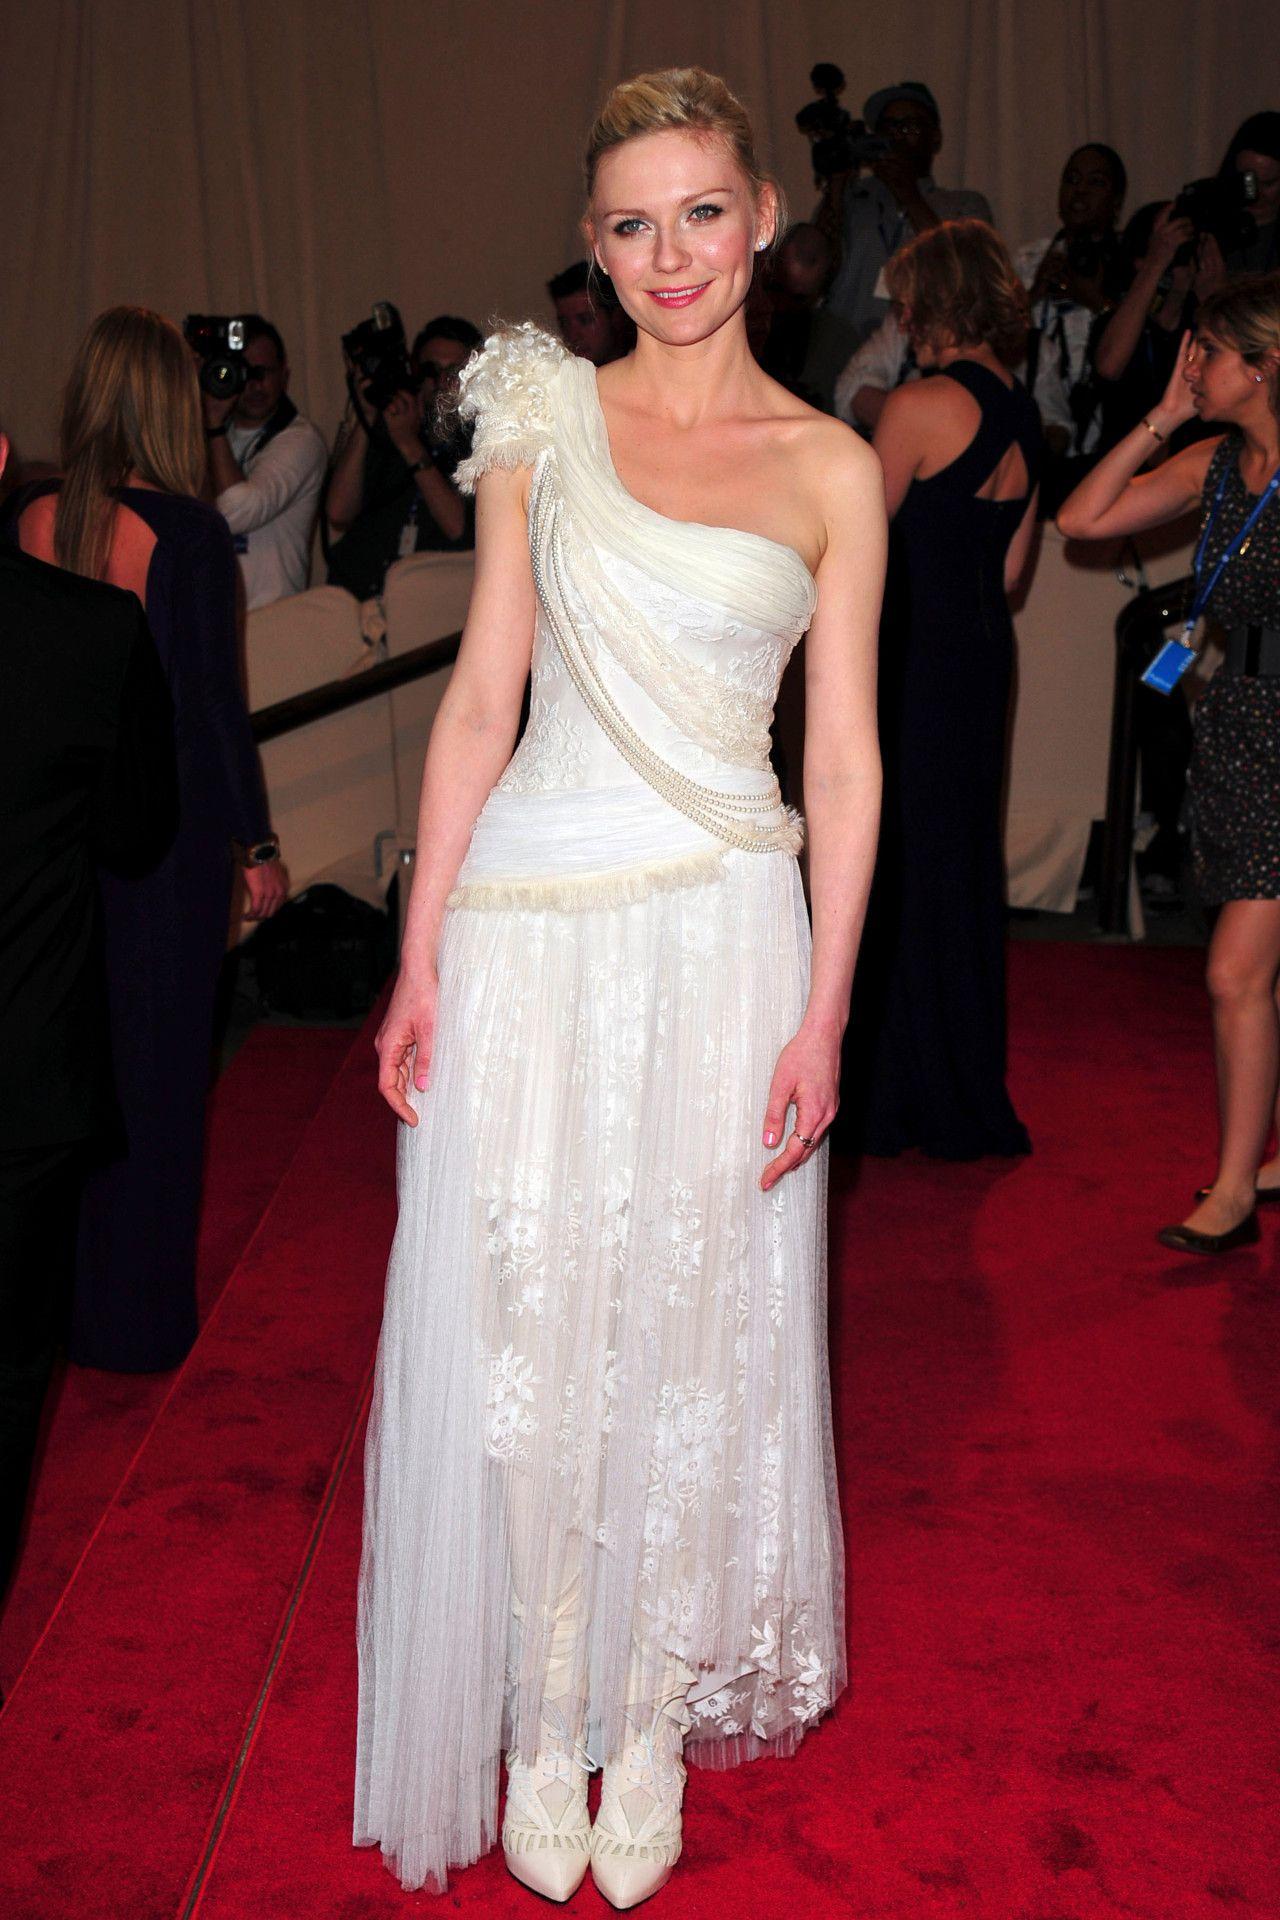 17 Times Kirsten Dunst Looked Incredible in Rodarte